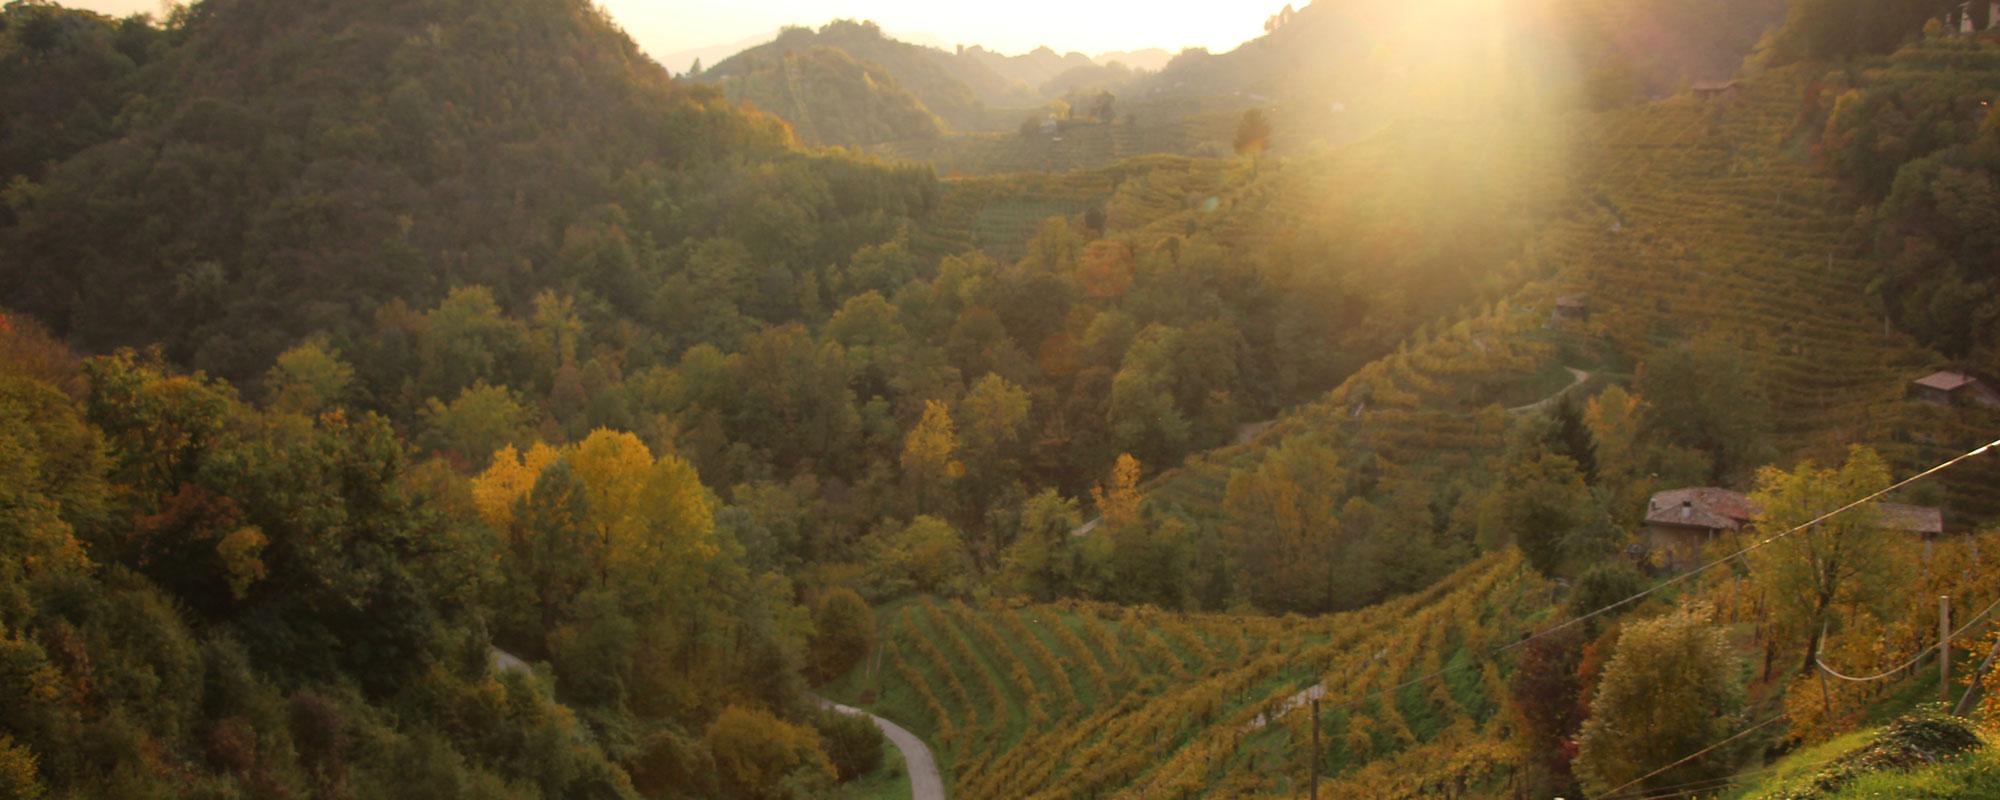 Vignobles à Conegliano Valdobbiadene en automne